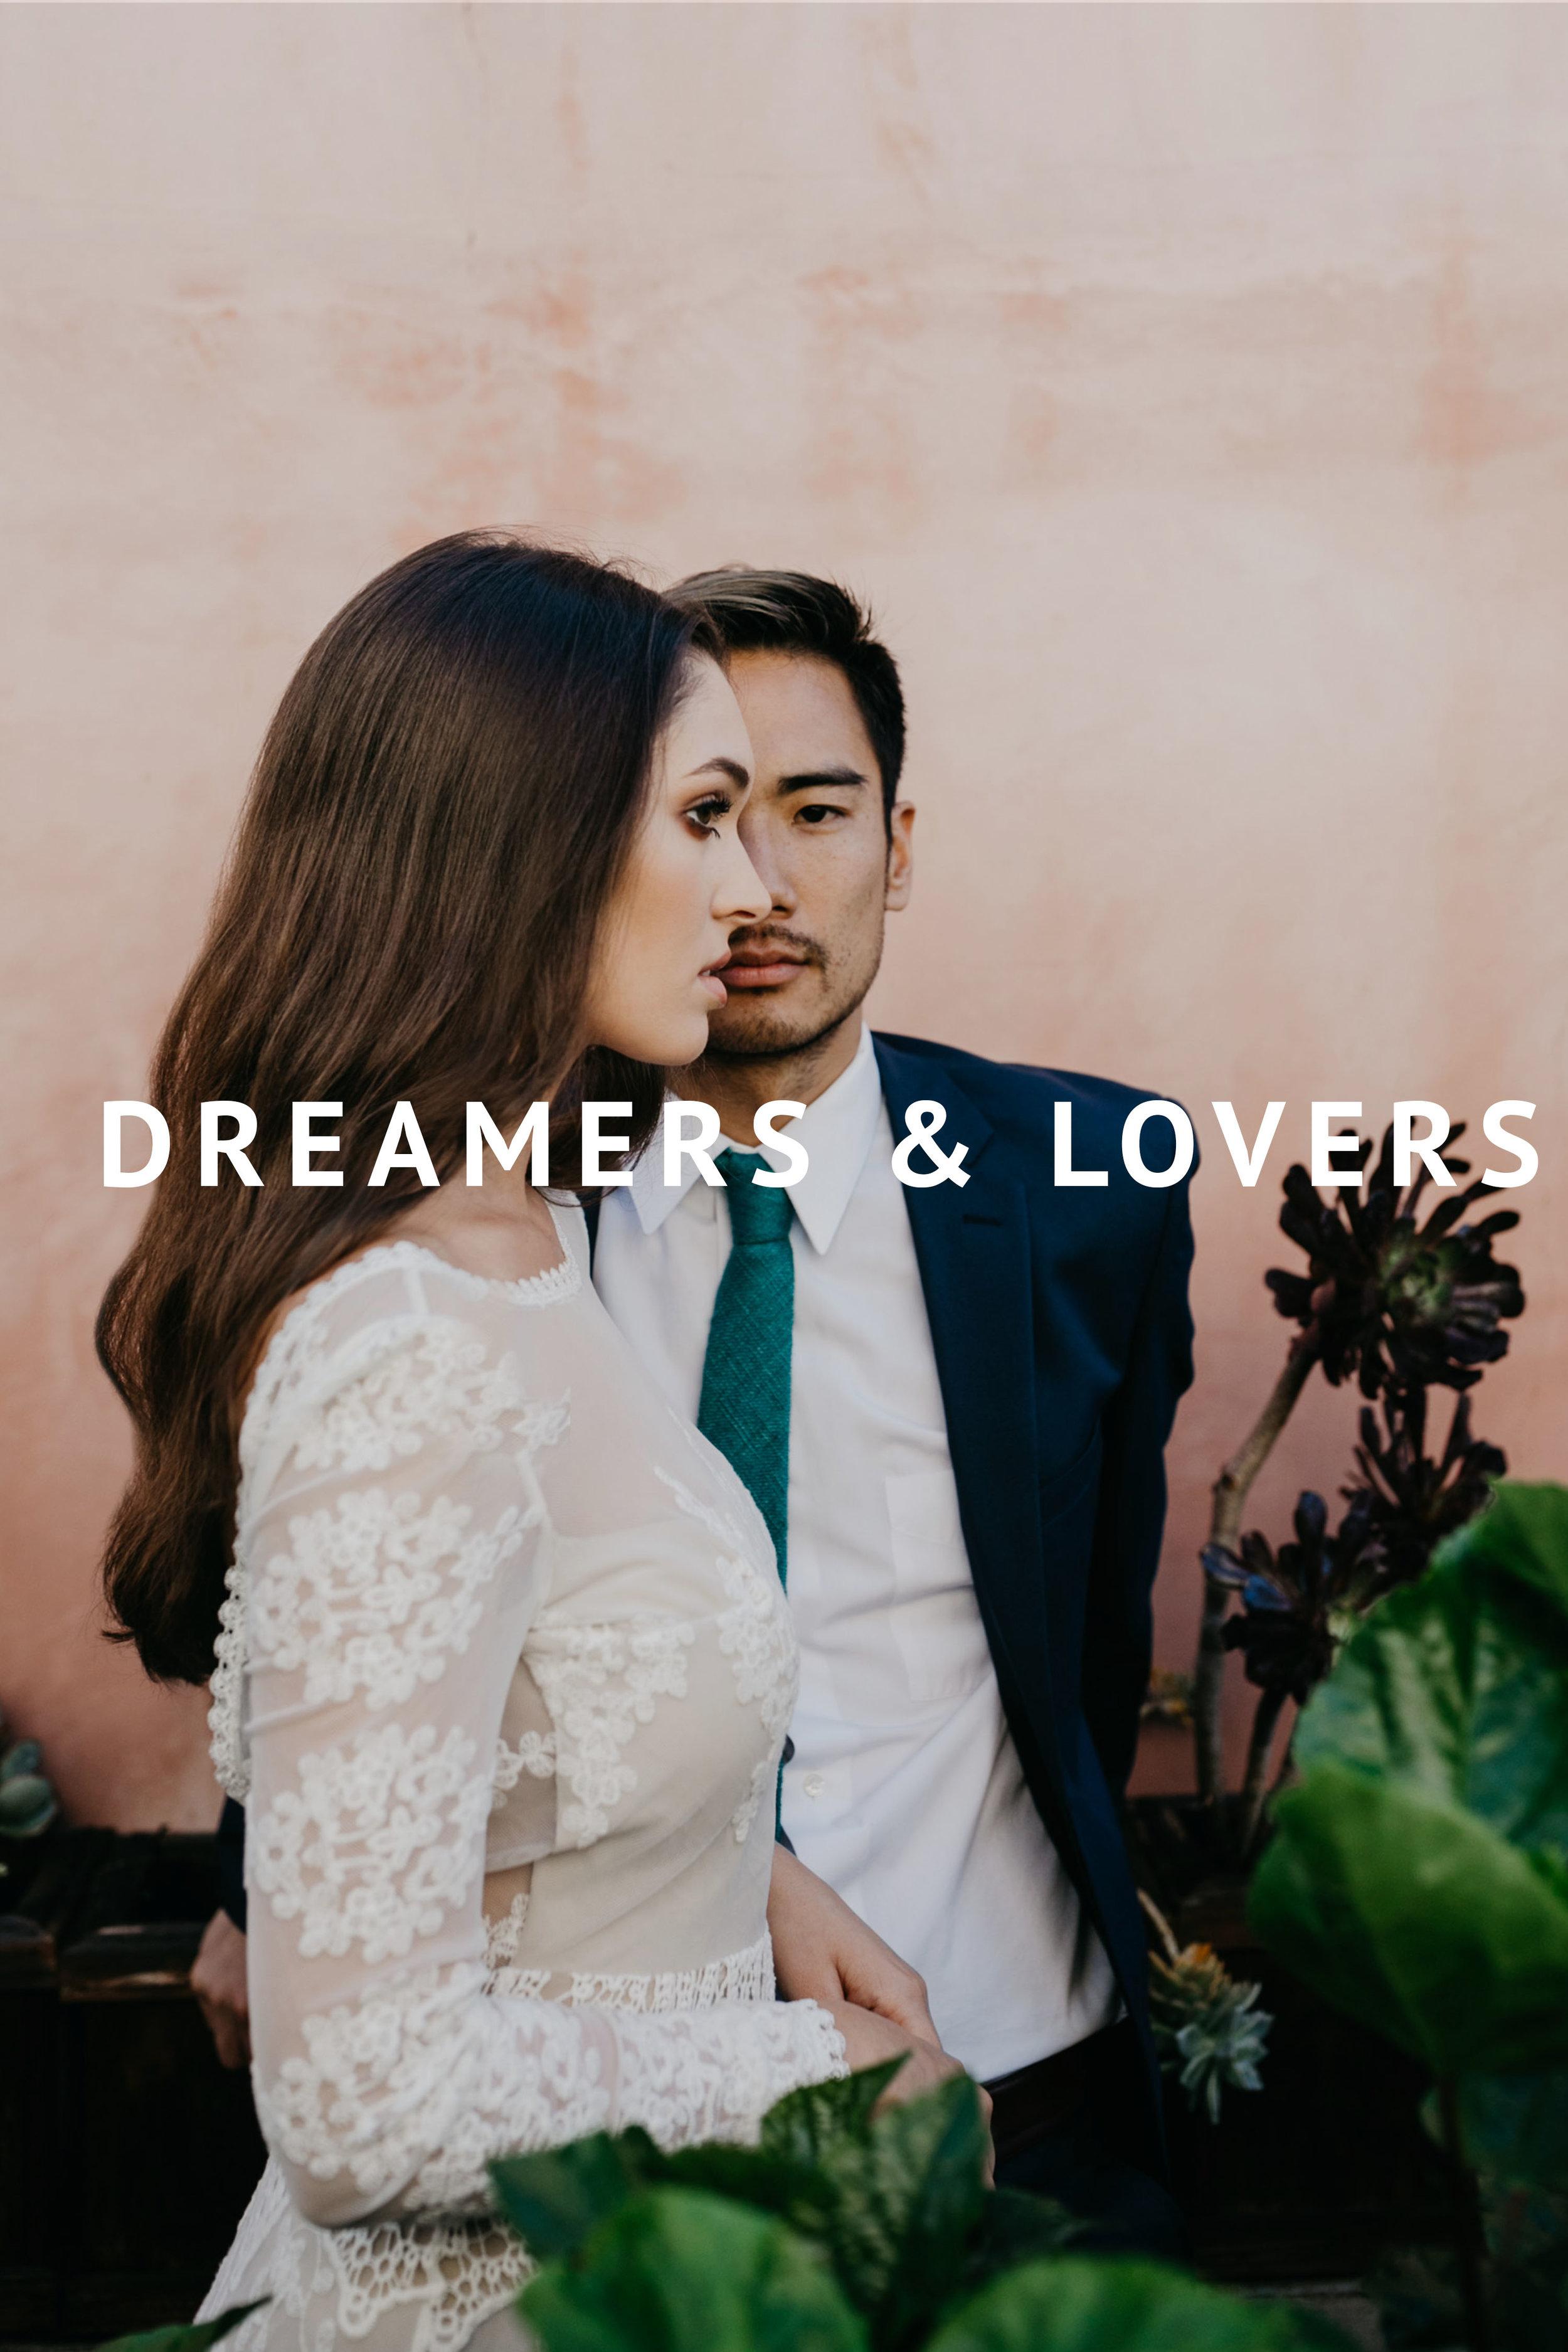 Fashion IconsDreamers & Lovers.jpg